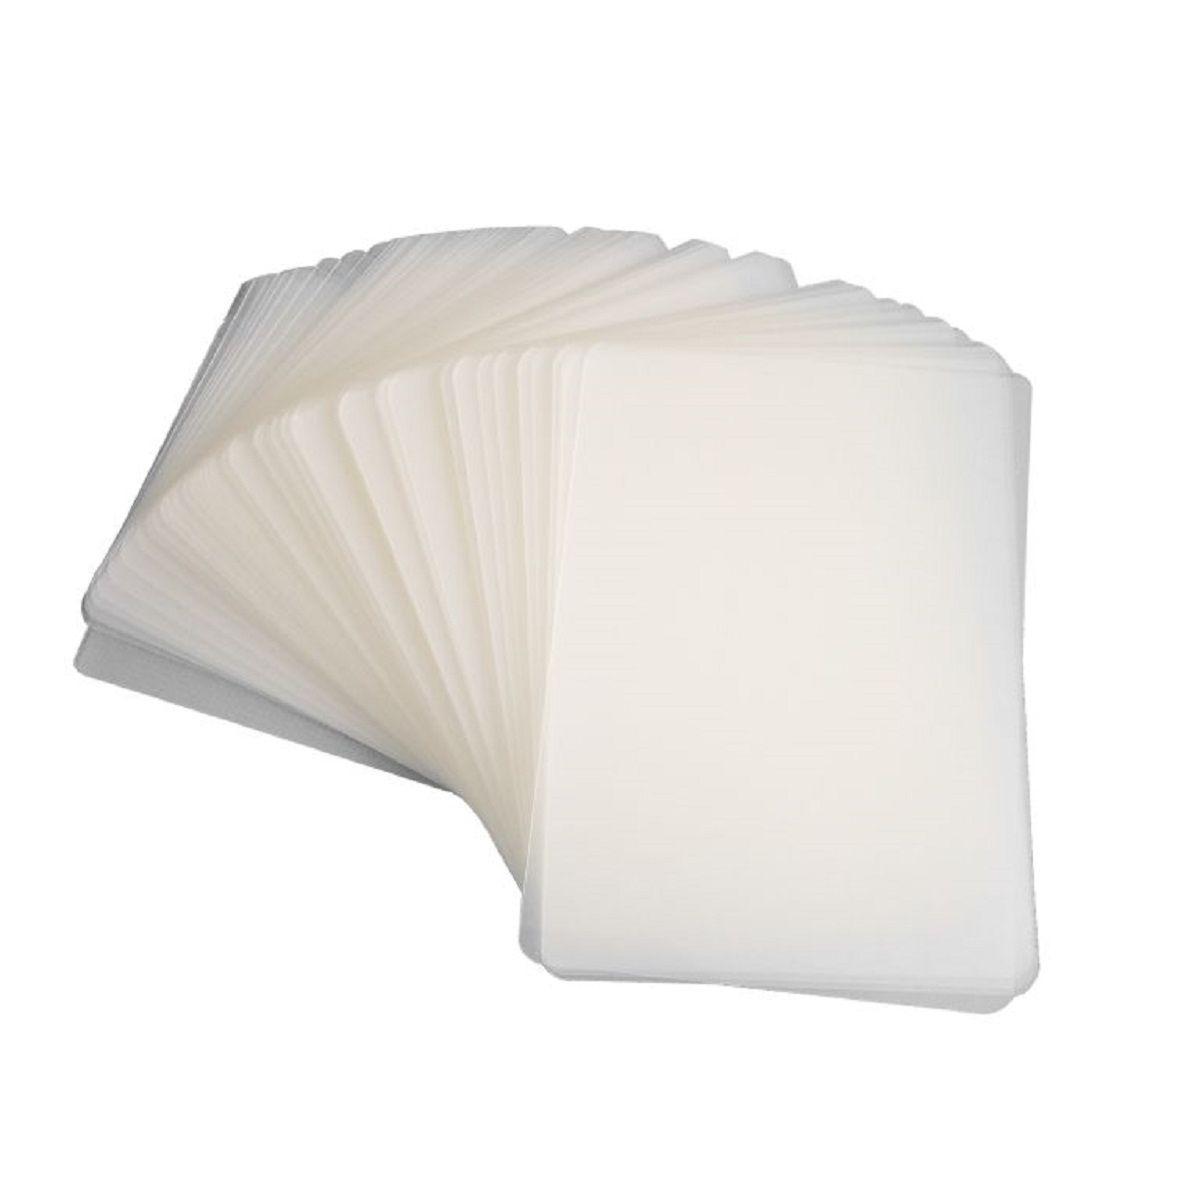 Polaseal para Plastificação CGC 110x170x0,07mm (175 micras) - Pacote com 20 Plásticos  - Click Suprimentos